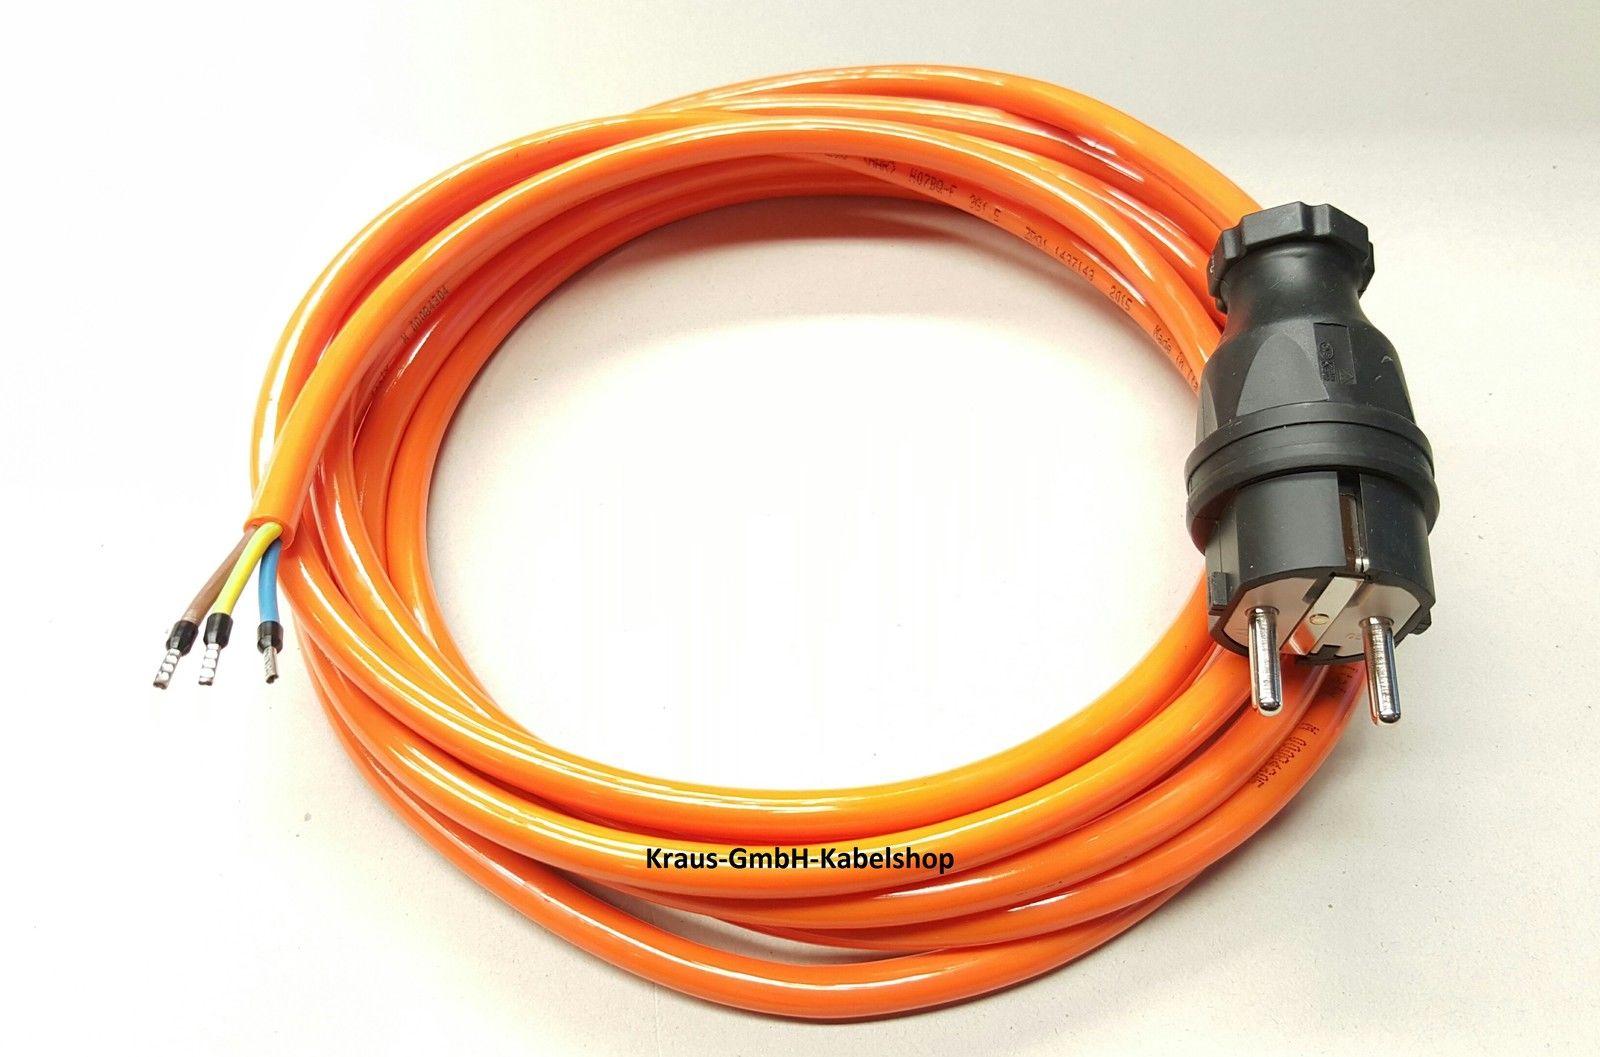 Stromkabel Geräteanschlusskabel Verlängerung PVC H05VV-F 3x1,5 1m schwarz